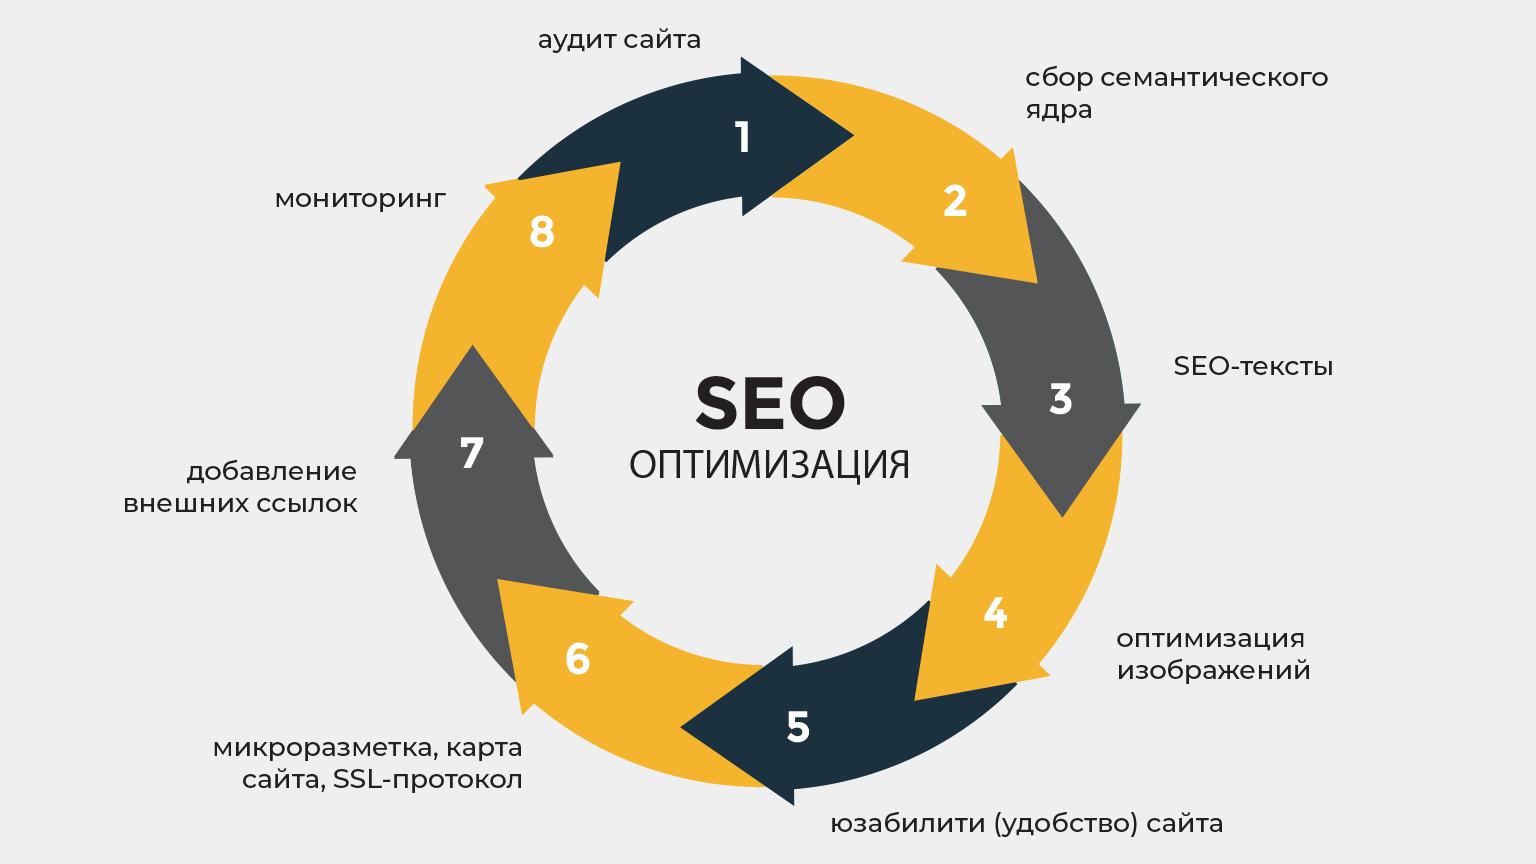 Подробно рассказываем, как писать seo-тексты и использовать их для эффективной seo-оптимизации вашего сайта.